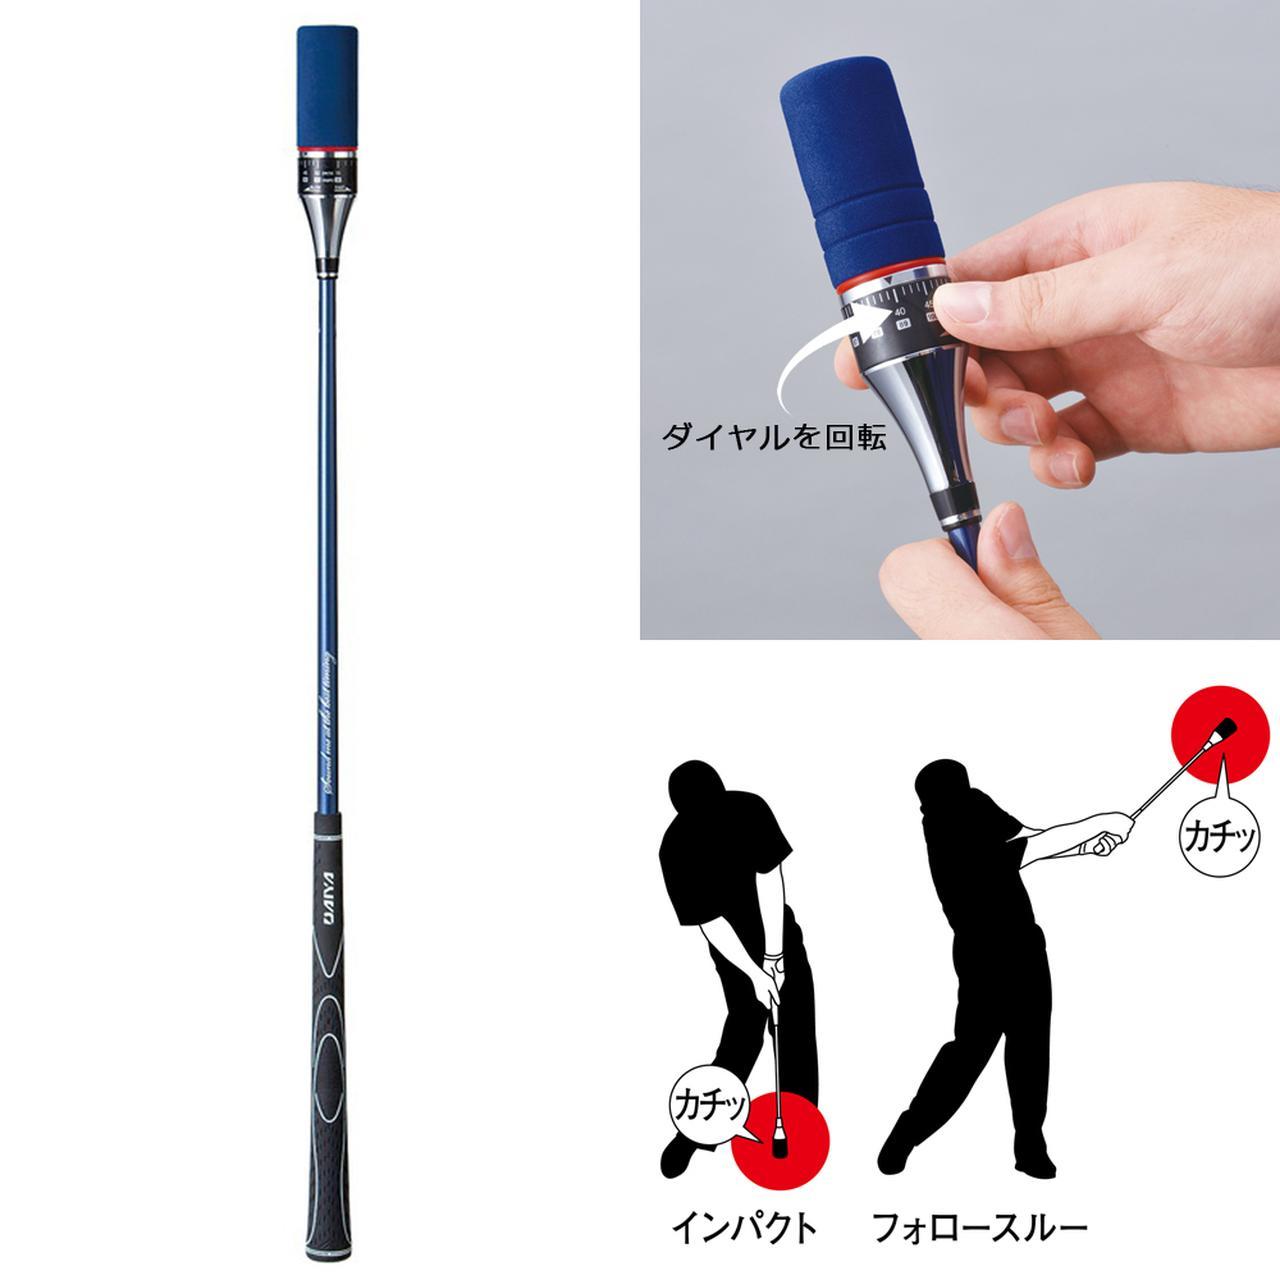 画像: ダイヤコーポレーション|ゴルフ用品 家庭用品 ベビー用品